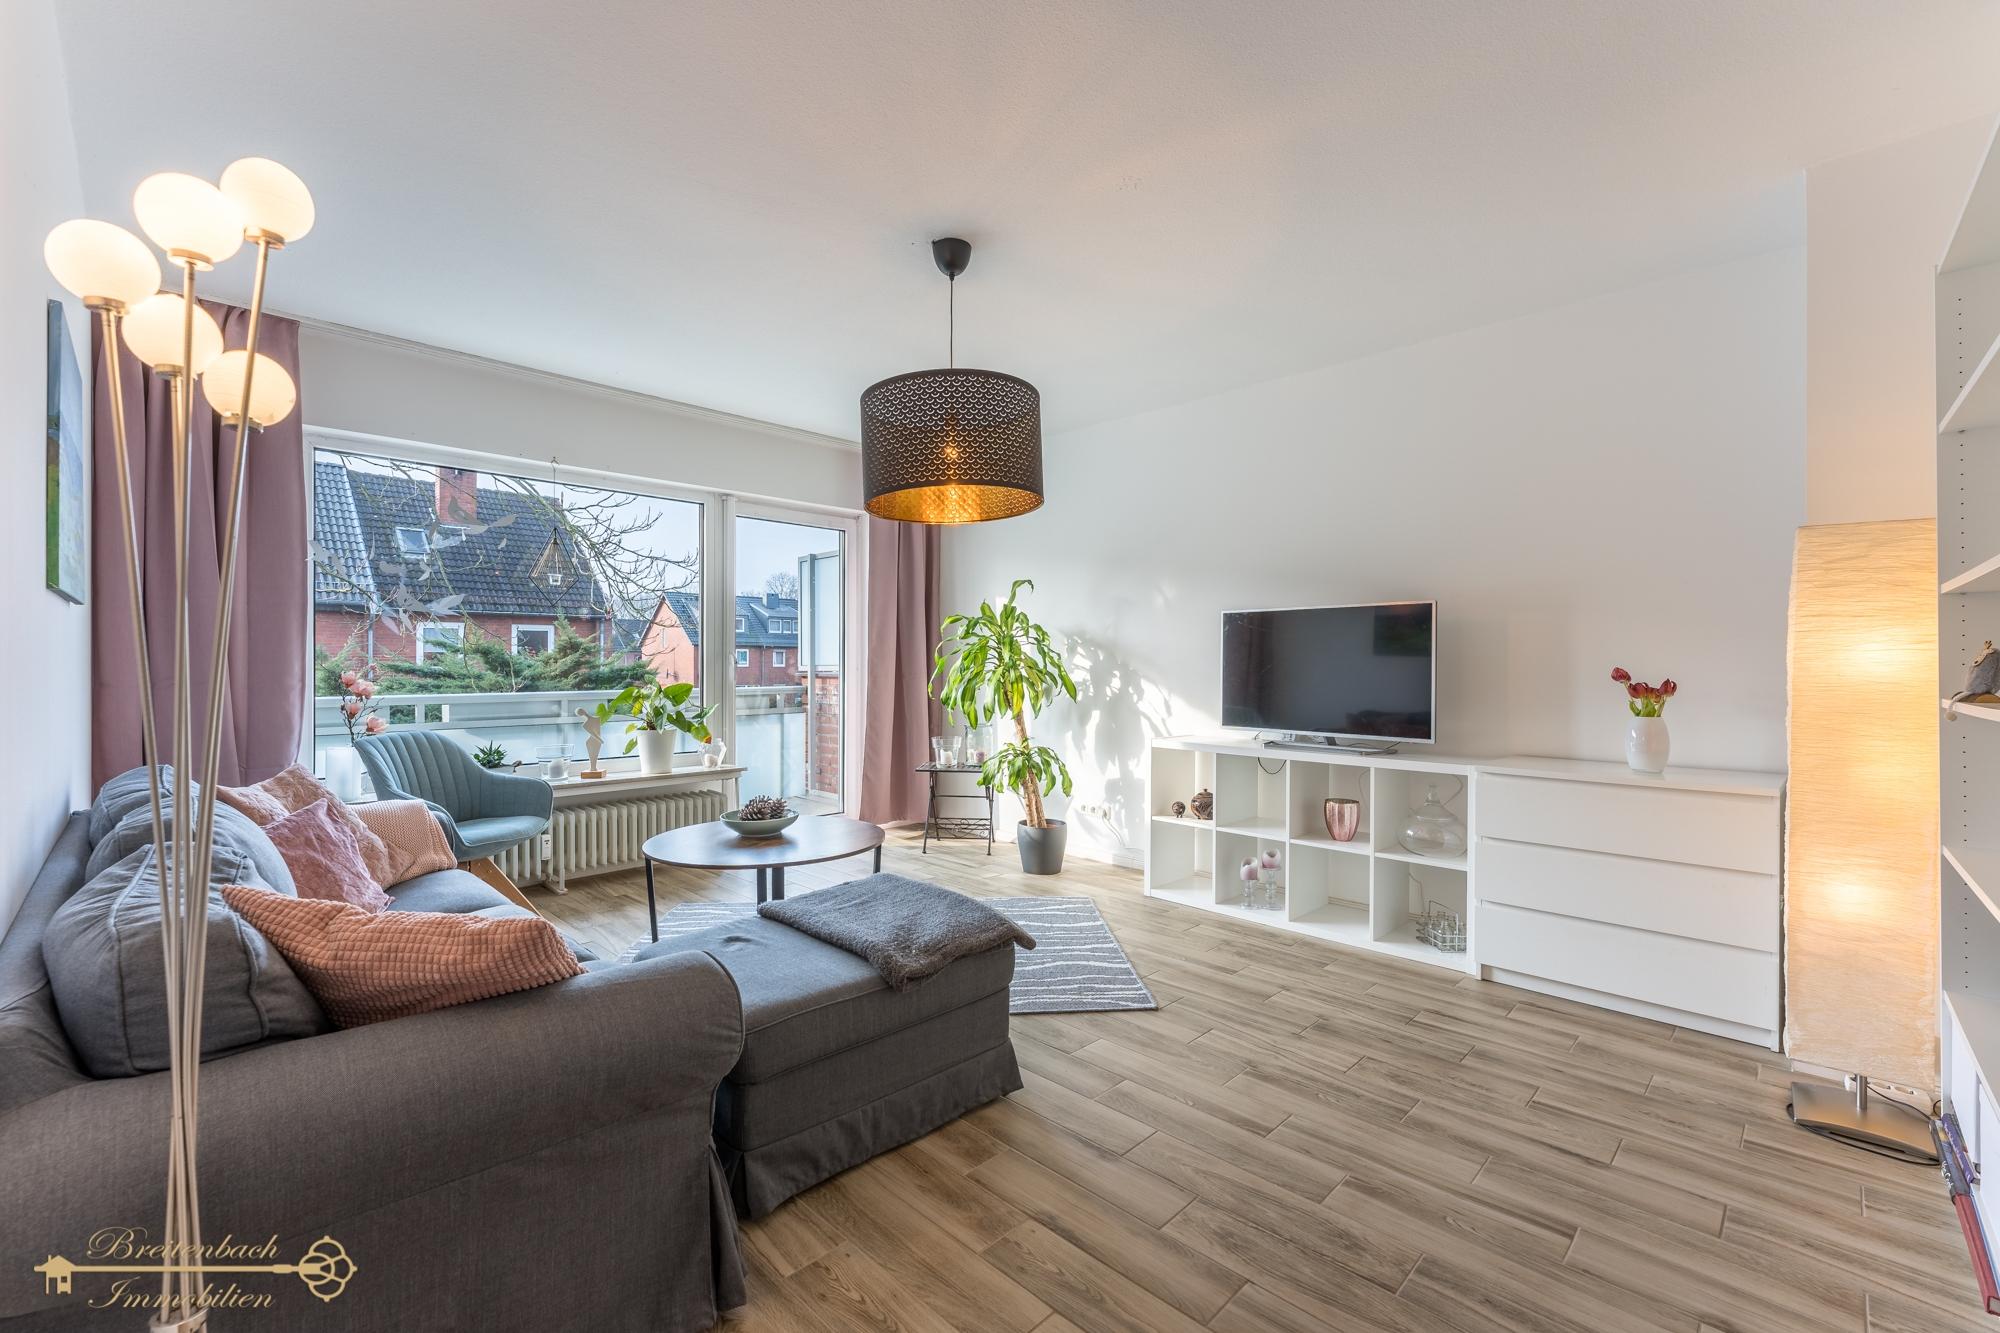 2021-01-24-Breitenbach-Immobilien-9